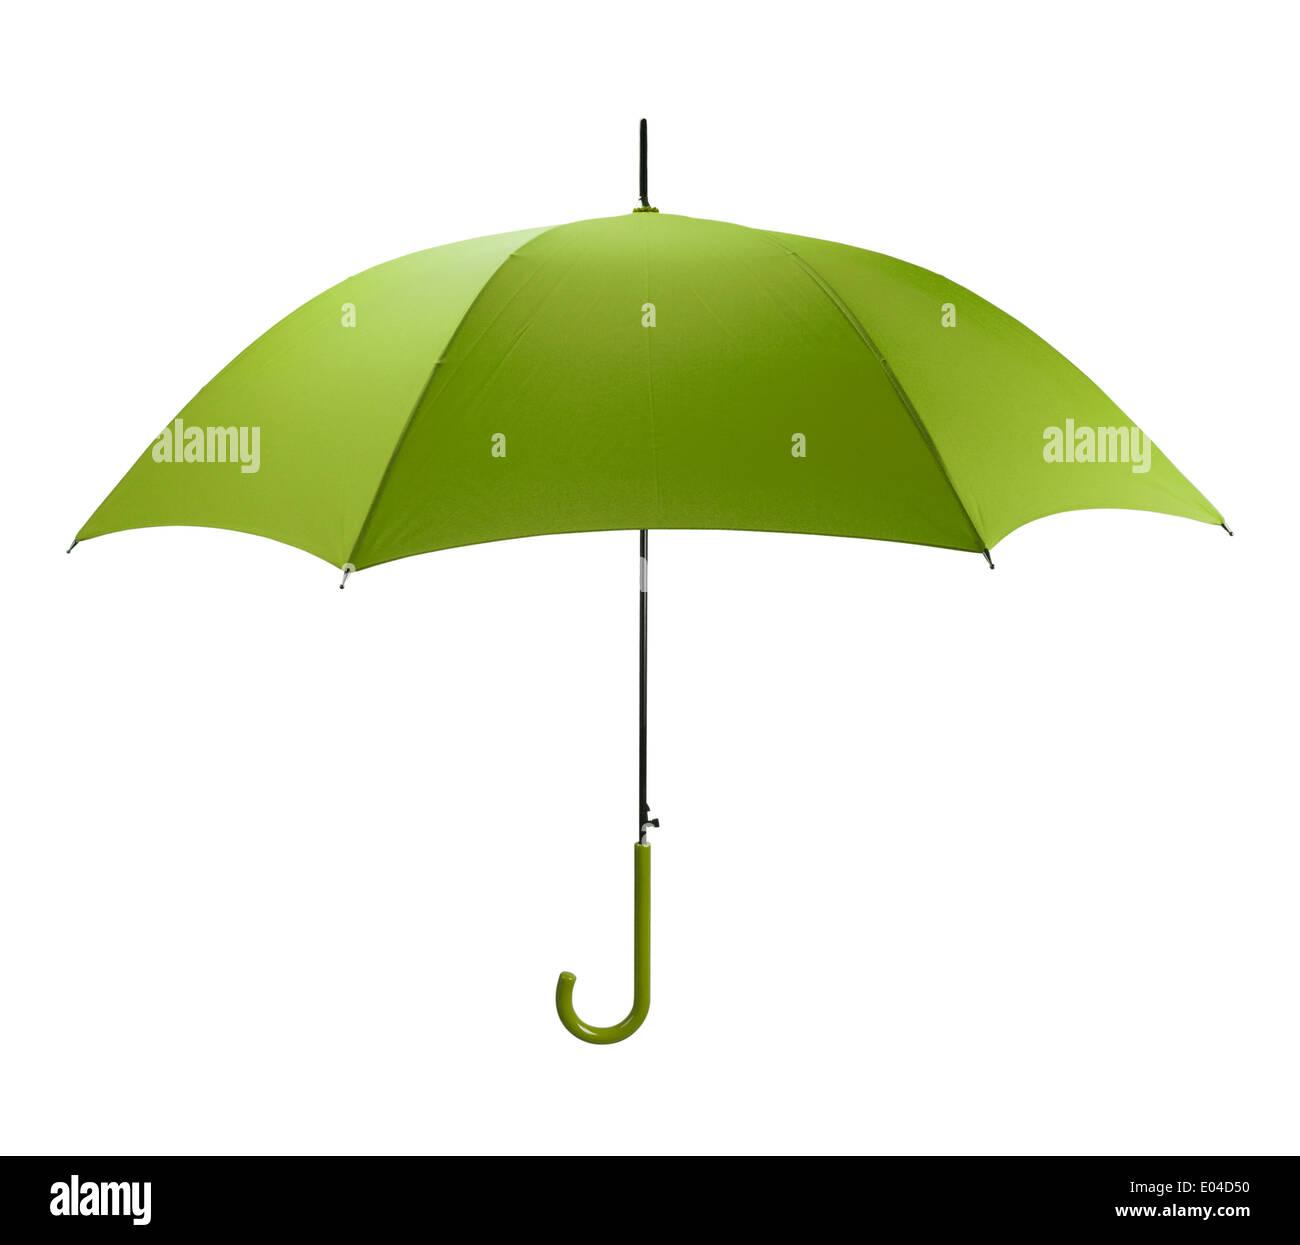 Leuchtend grüne Regenschirm Seitenansicht, Isolated on White Background. Stockbild